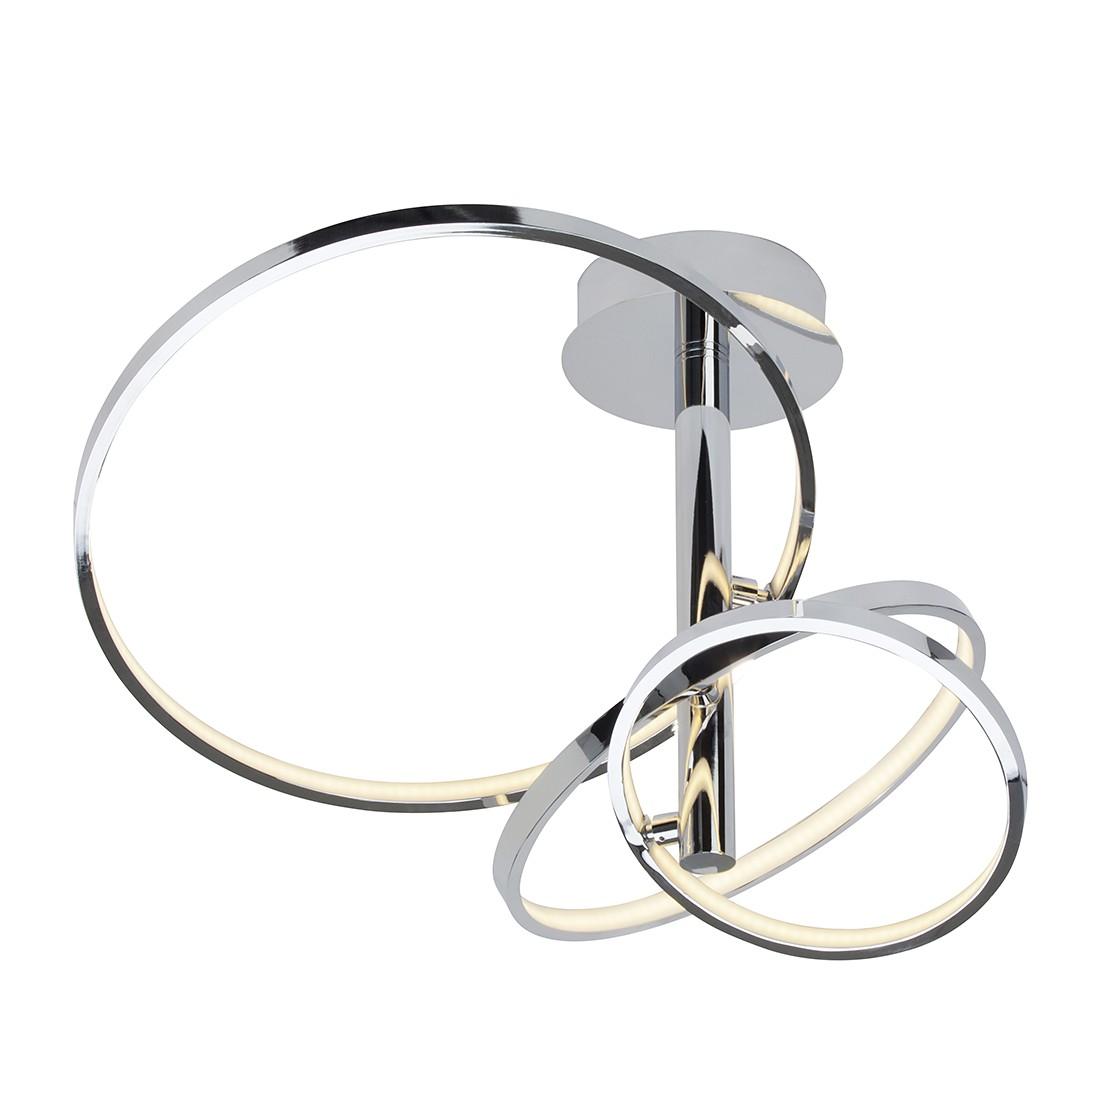 Deckenleuchte Saturn ● Metall ● Silber ● 1-flammig- Brilliant A+